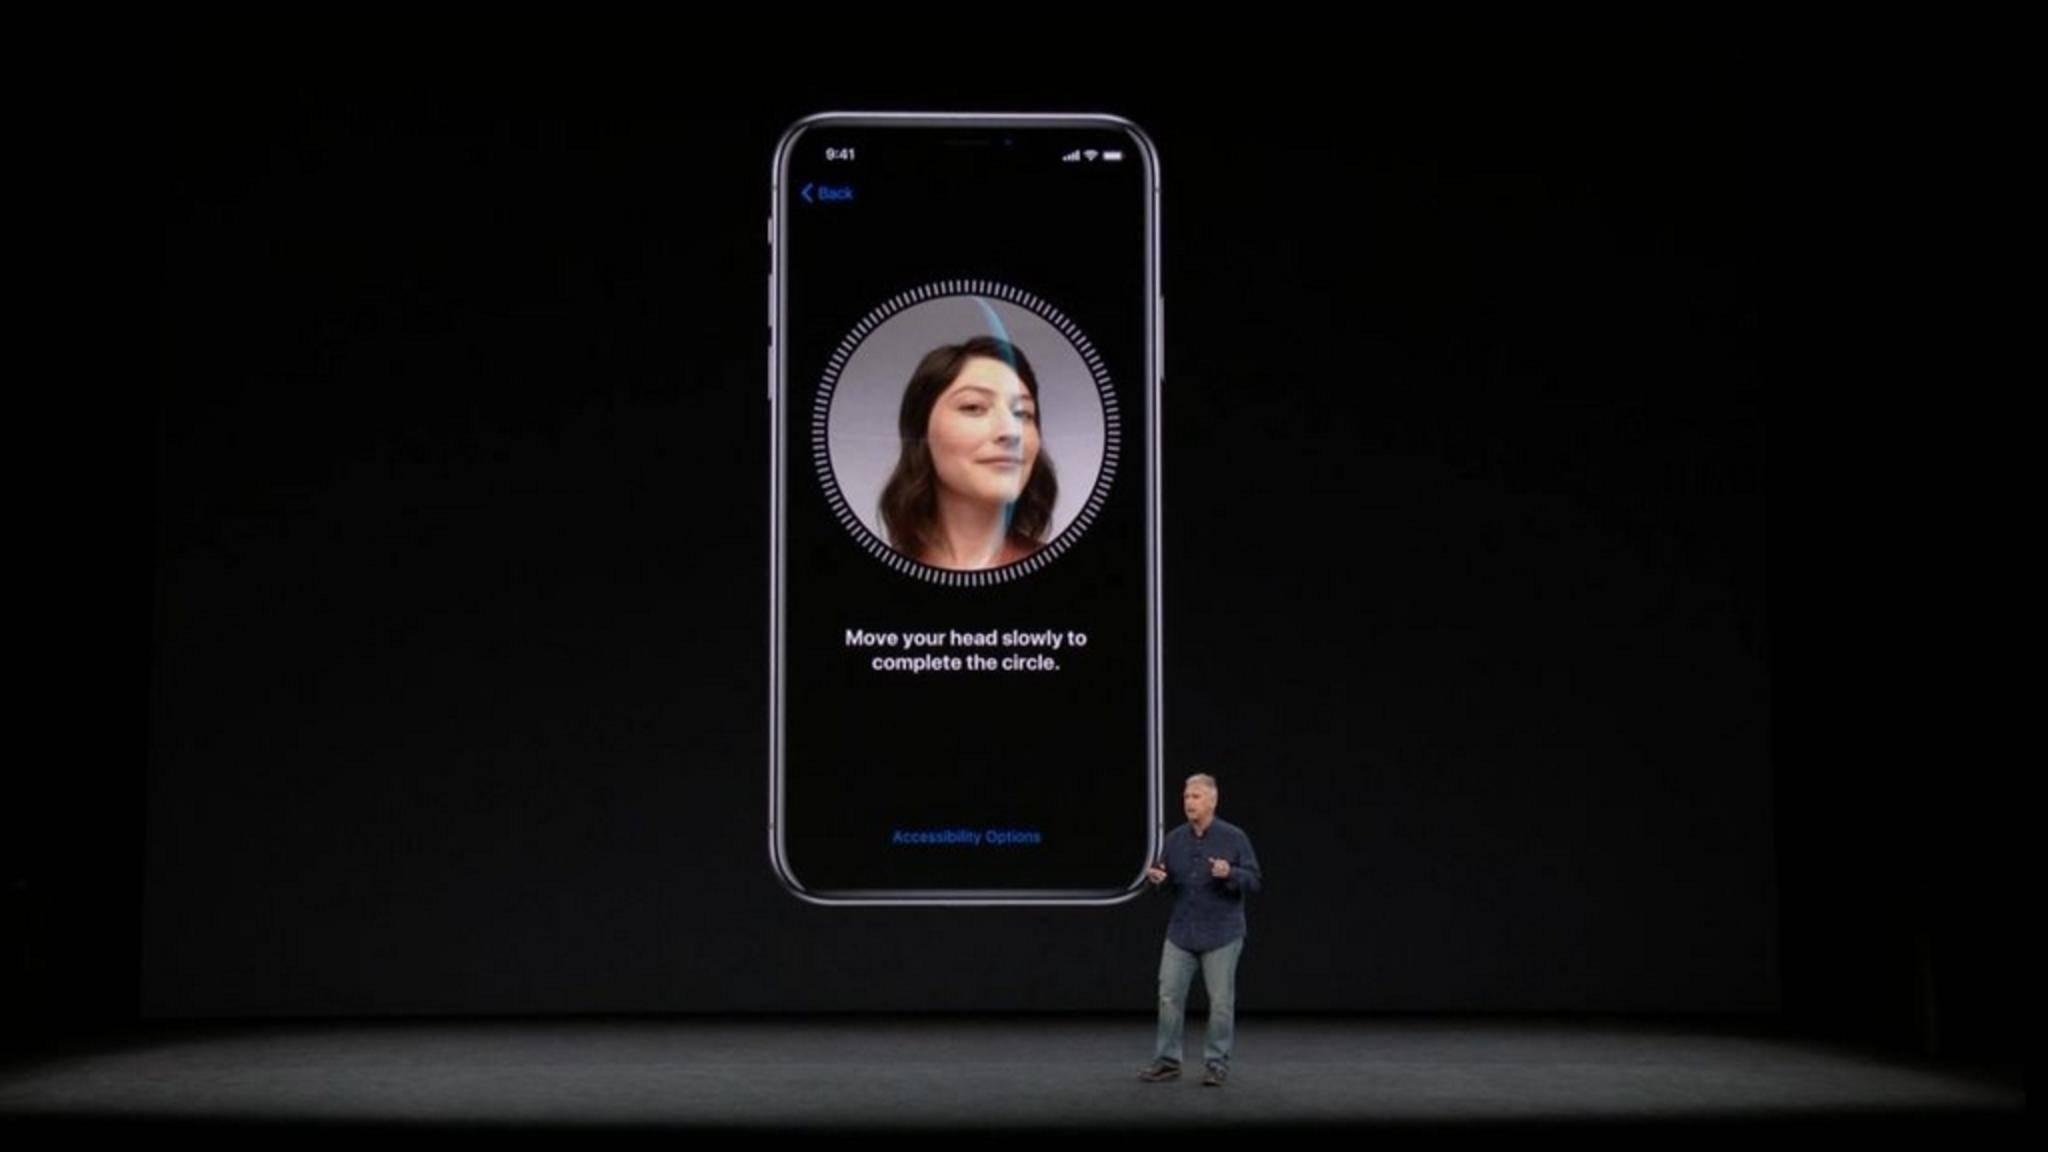 Face ID mag innovativ sein, aber ist es auch nützlich?